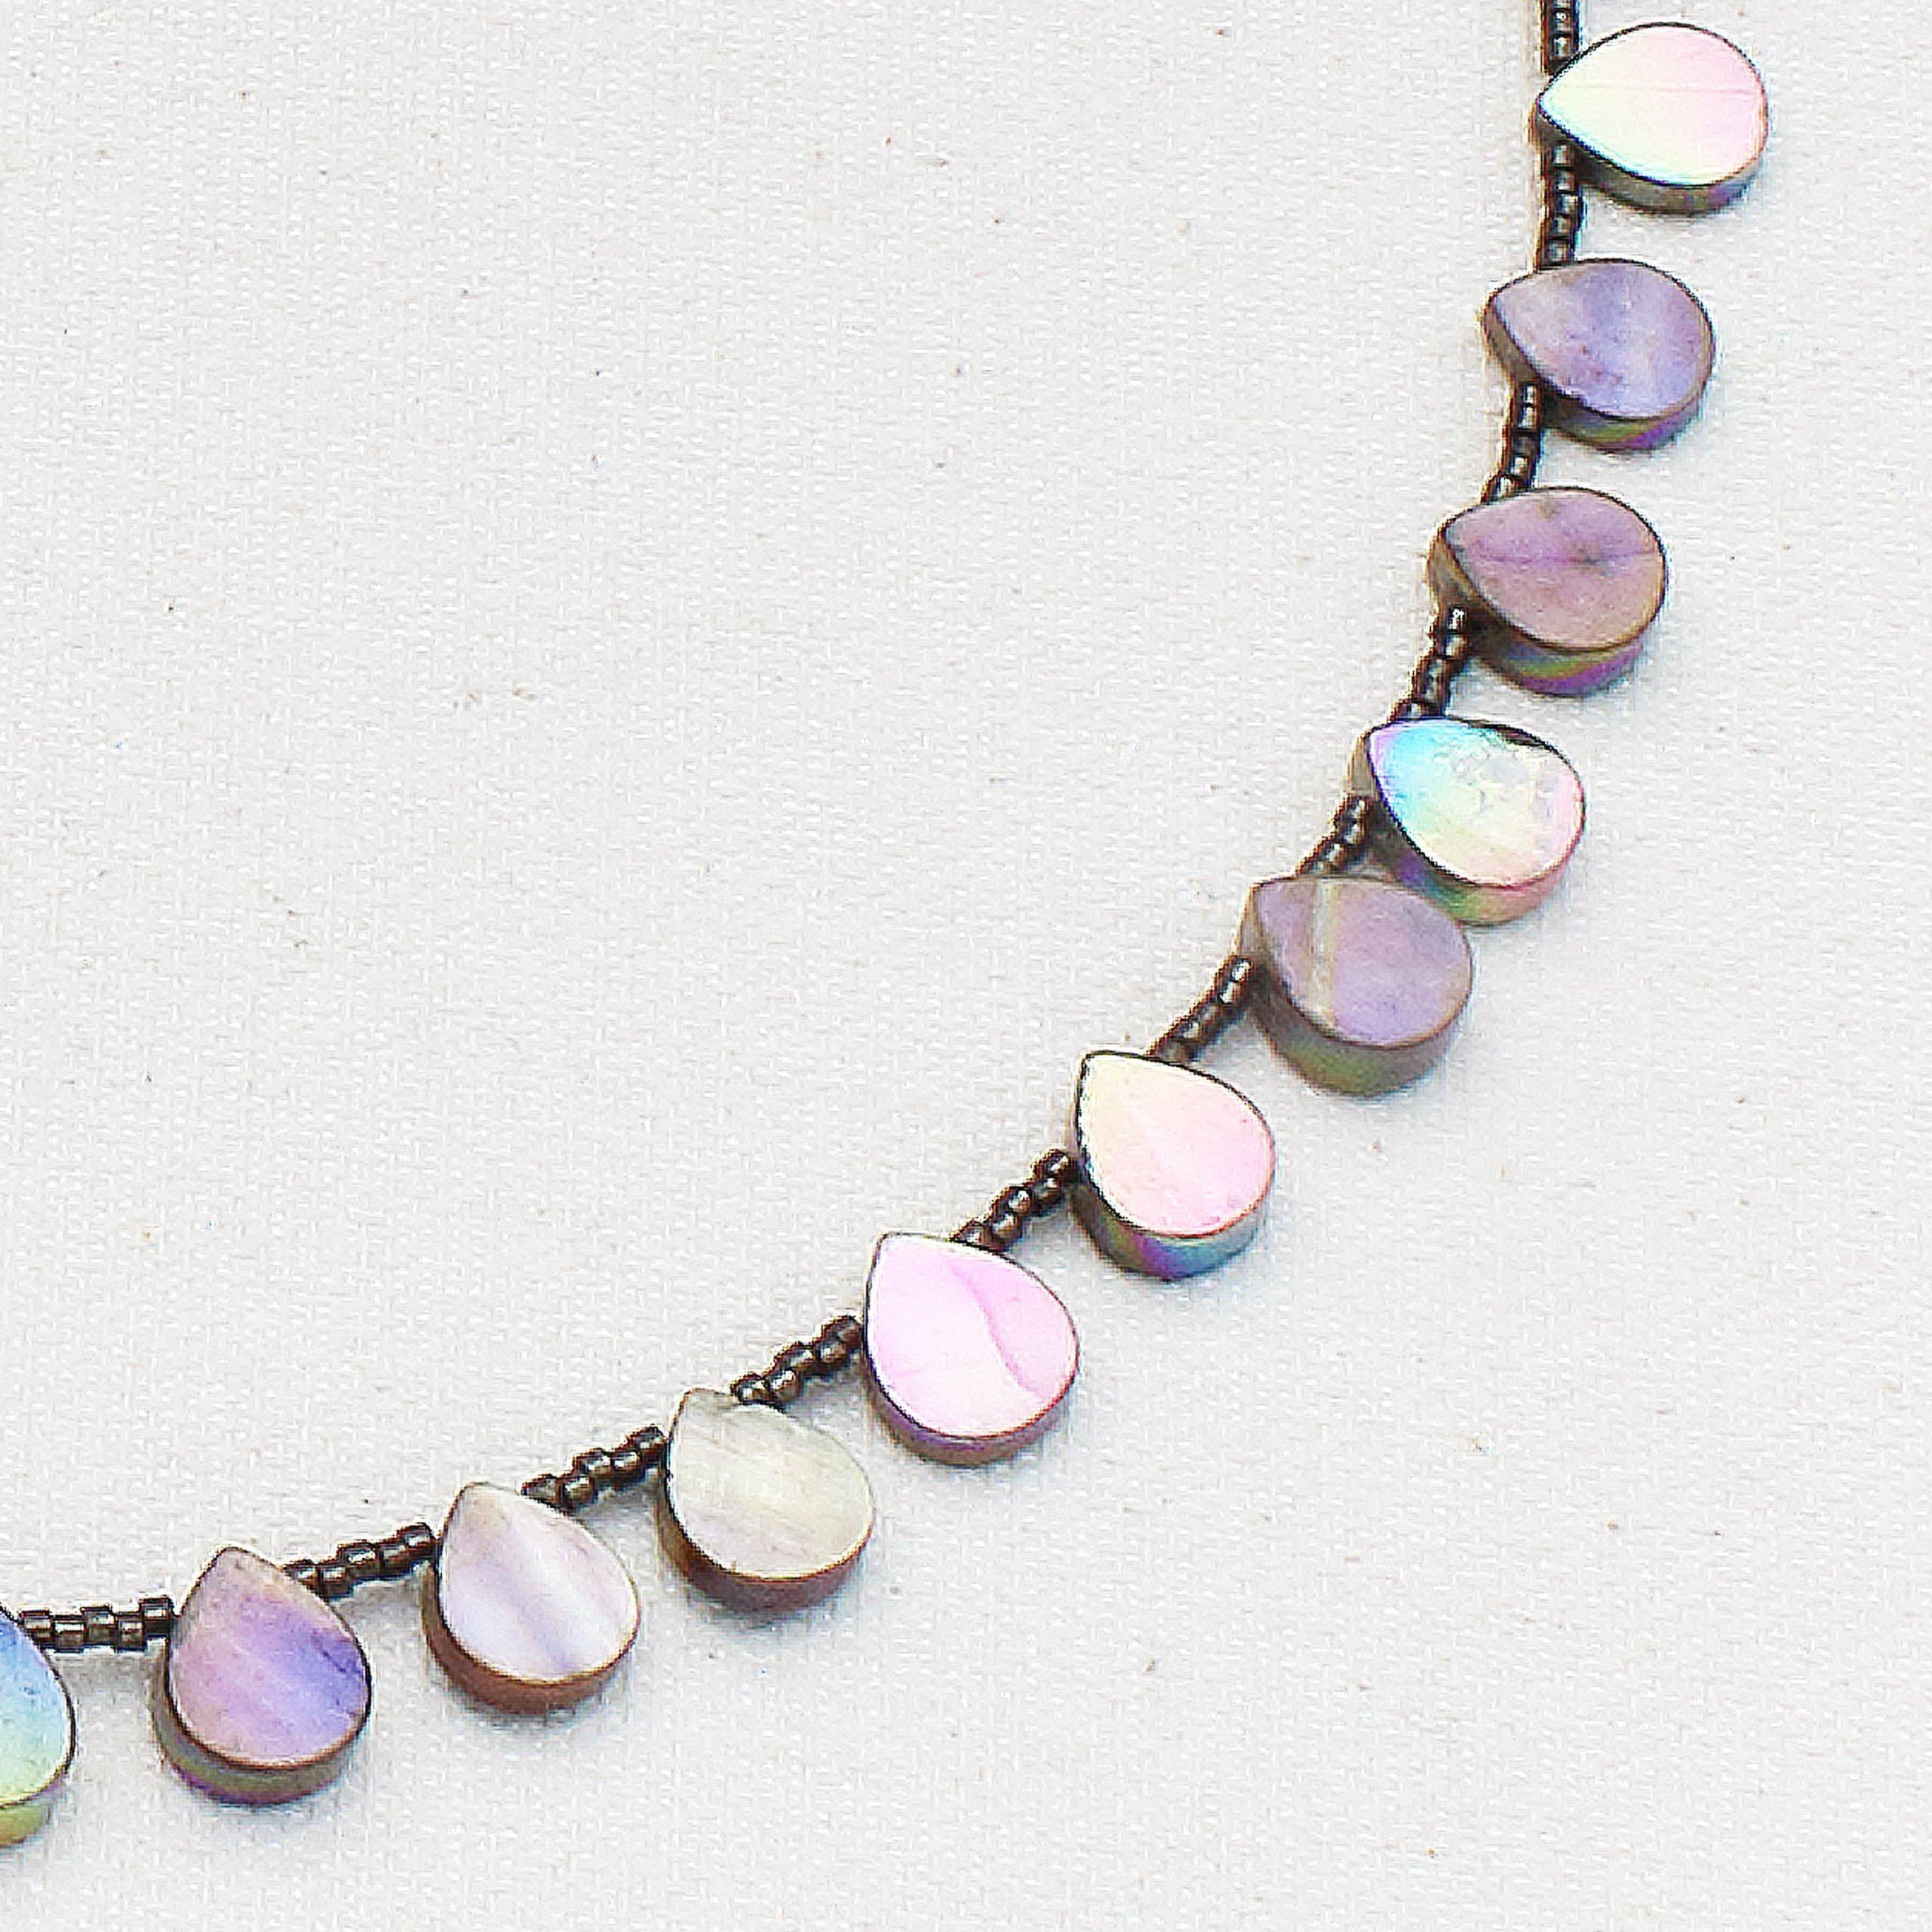 N627 - Teardrops Necklace